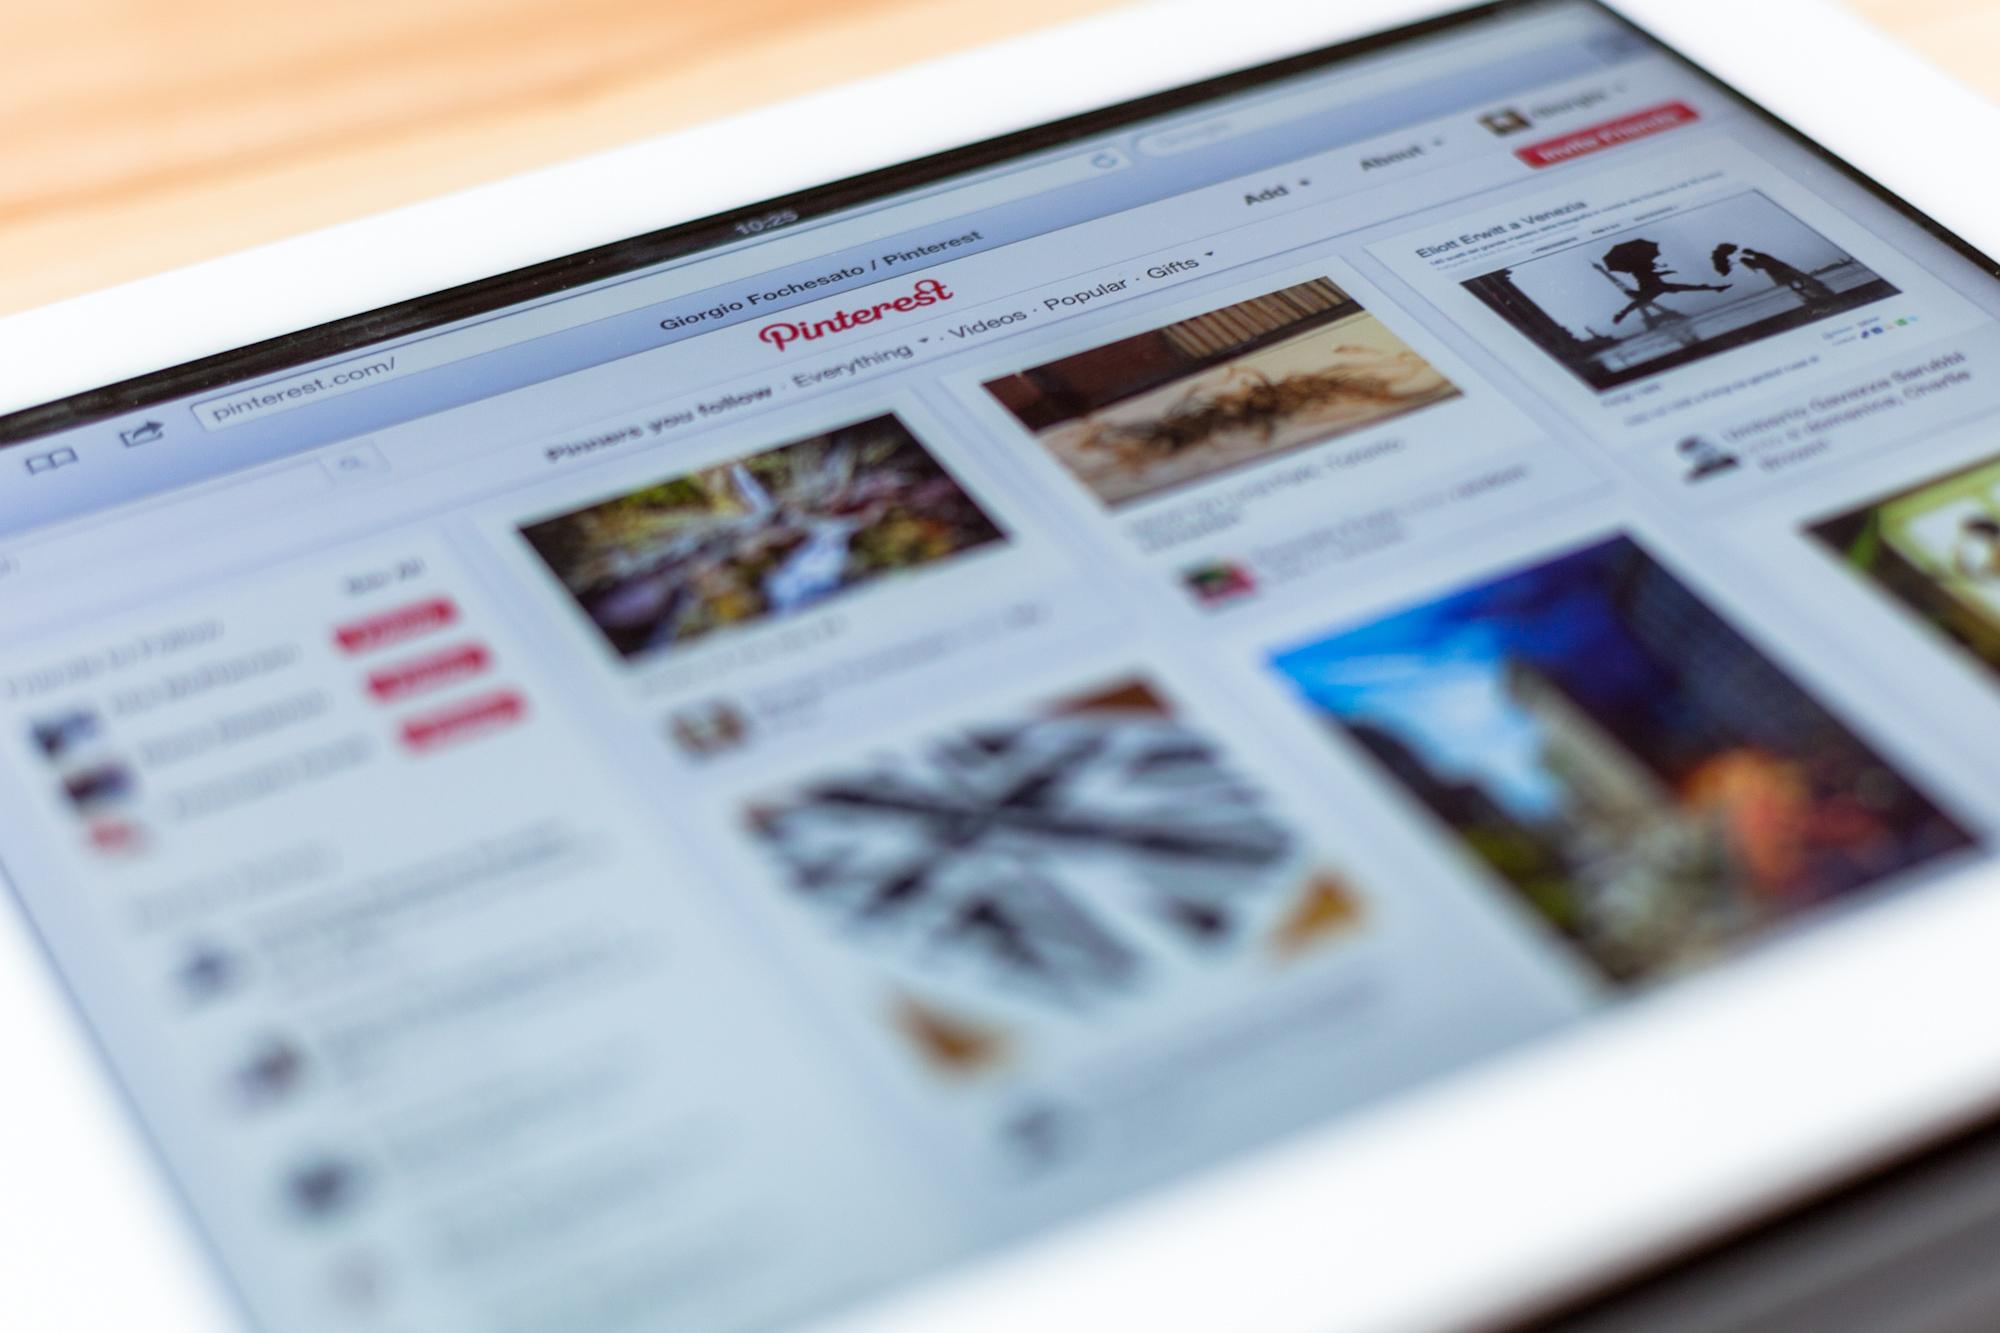 Pinterest on an iPad 3